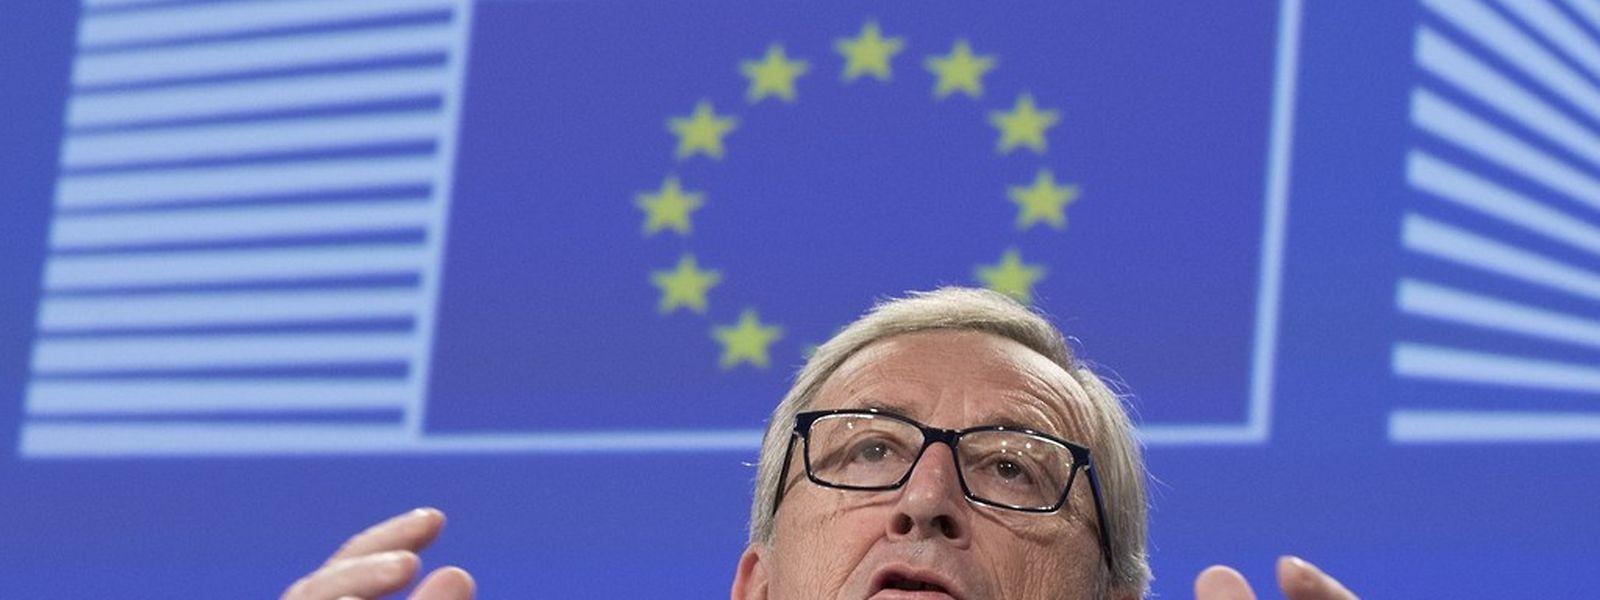 Kommissionspräsident Jean-Claude Juncker will mit seinem Investitionspaket der Wirtschaft neuen Schwung verleihen.